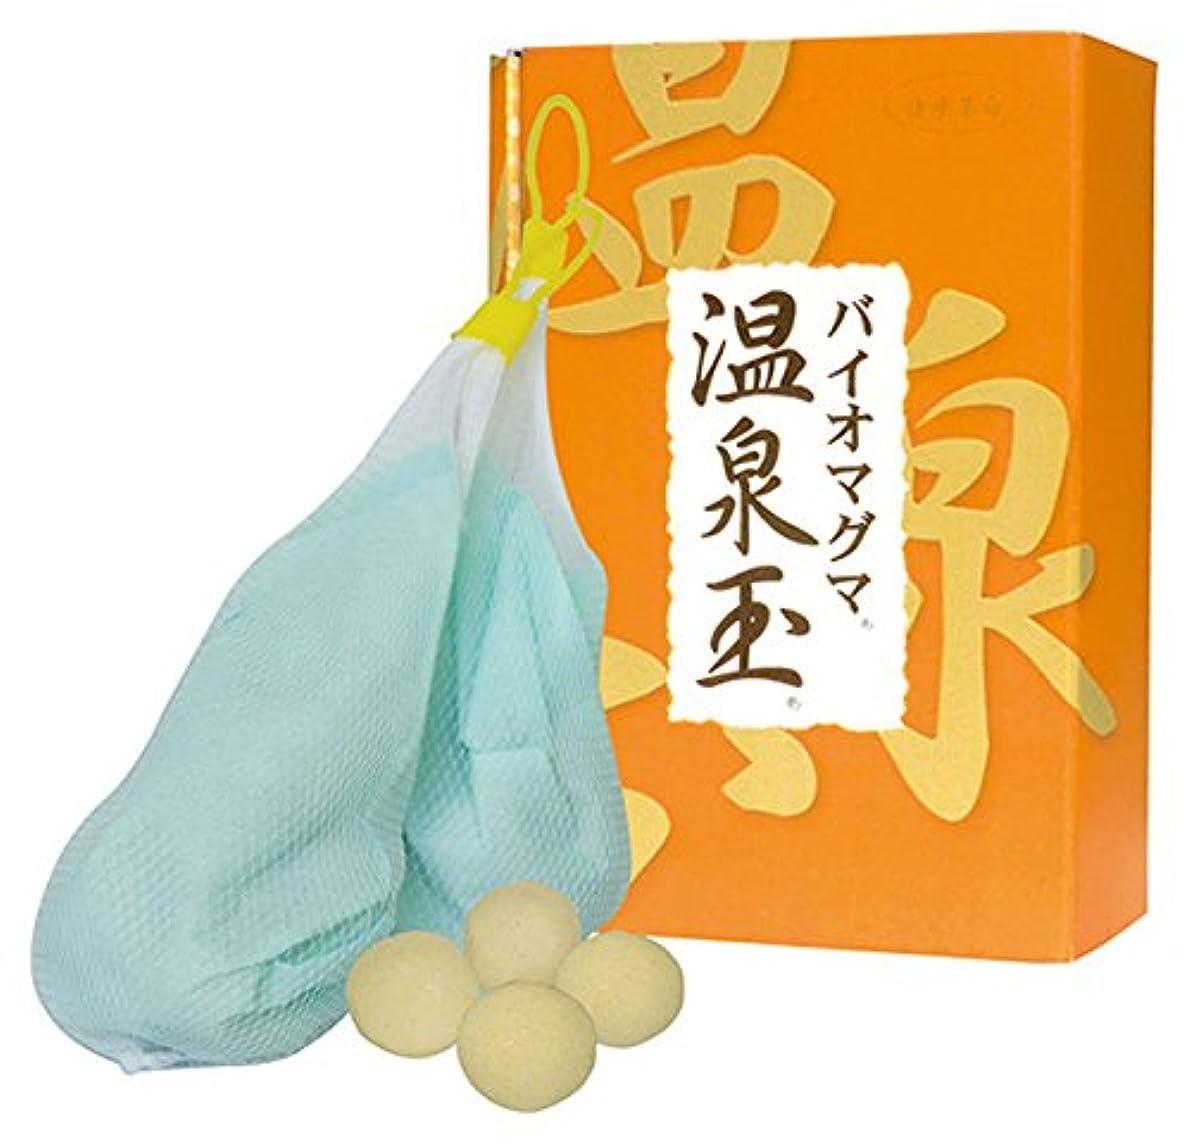 強制的決して肺ゴールド興産 バイオマグマ温泉玉(10玉×2袋) 000536